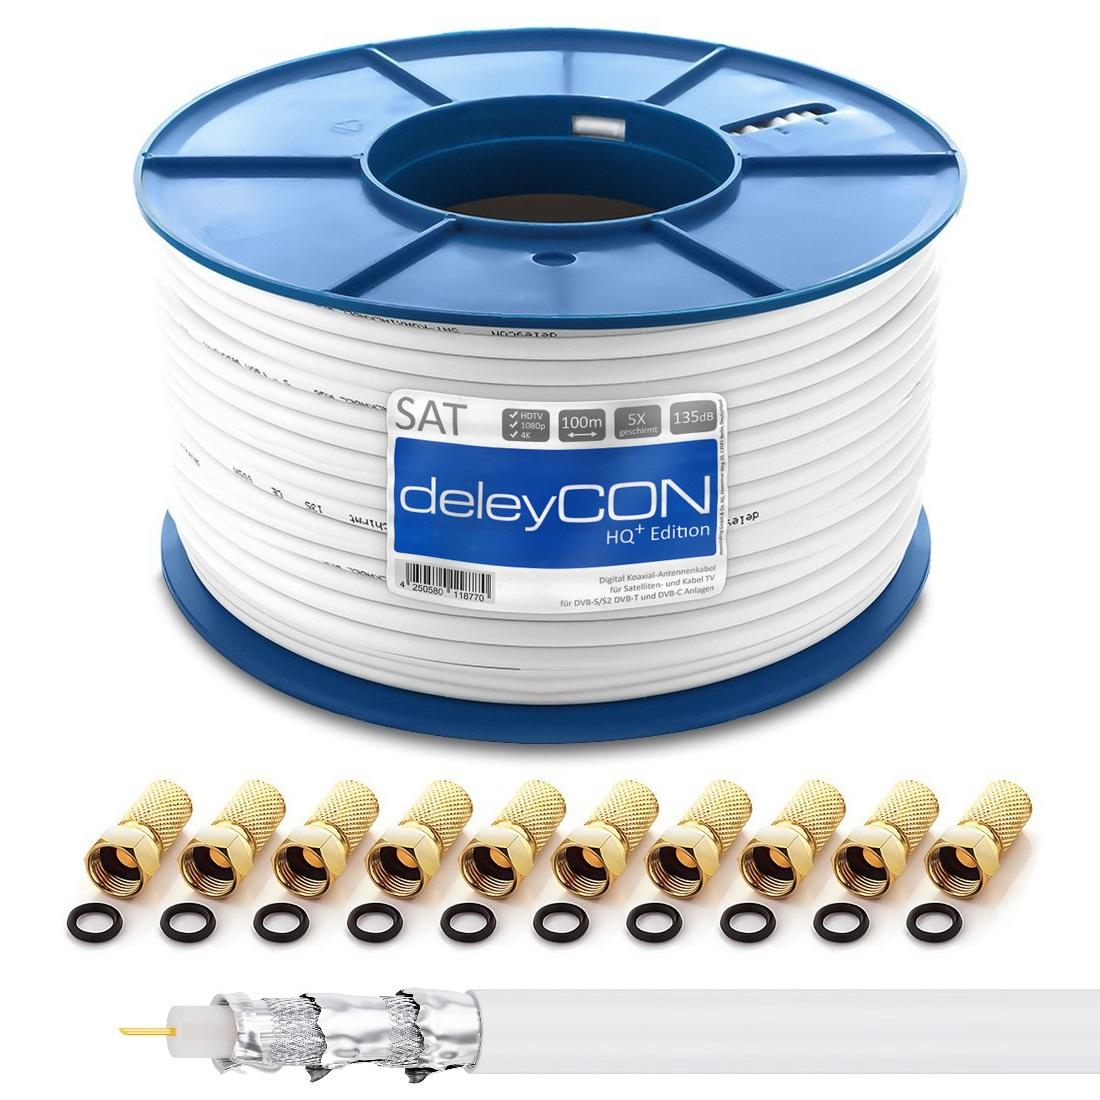 100m SAT Kabel 135dB Koaxial Antennenkabel Digital SAT Koax Kabel ...